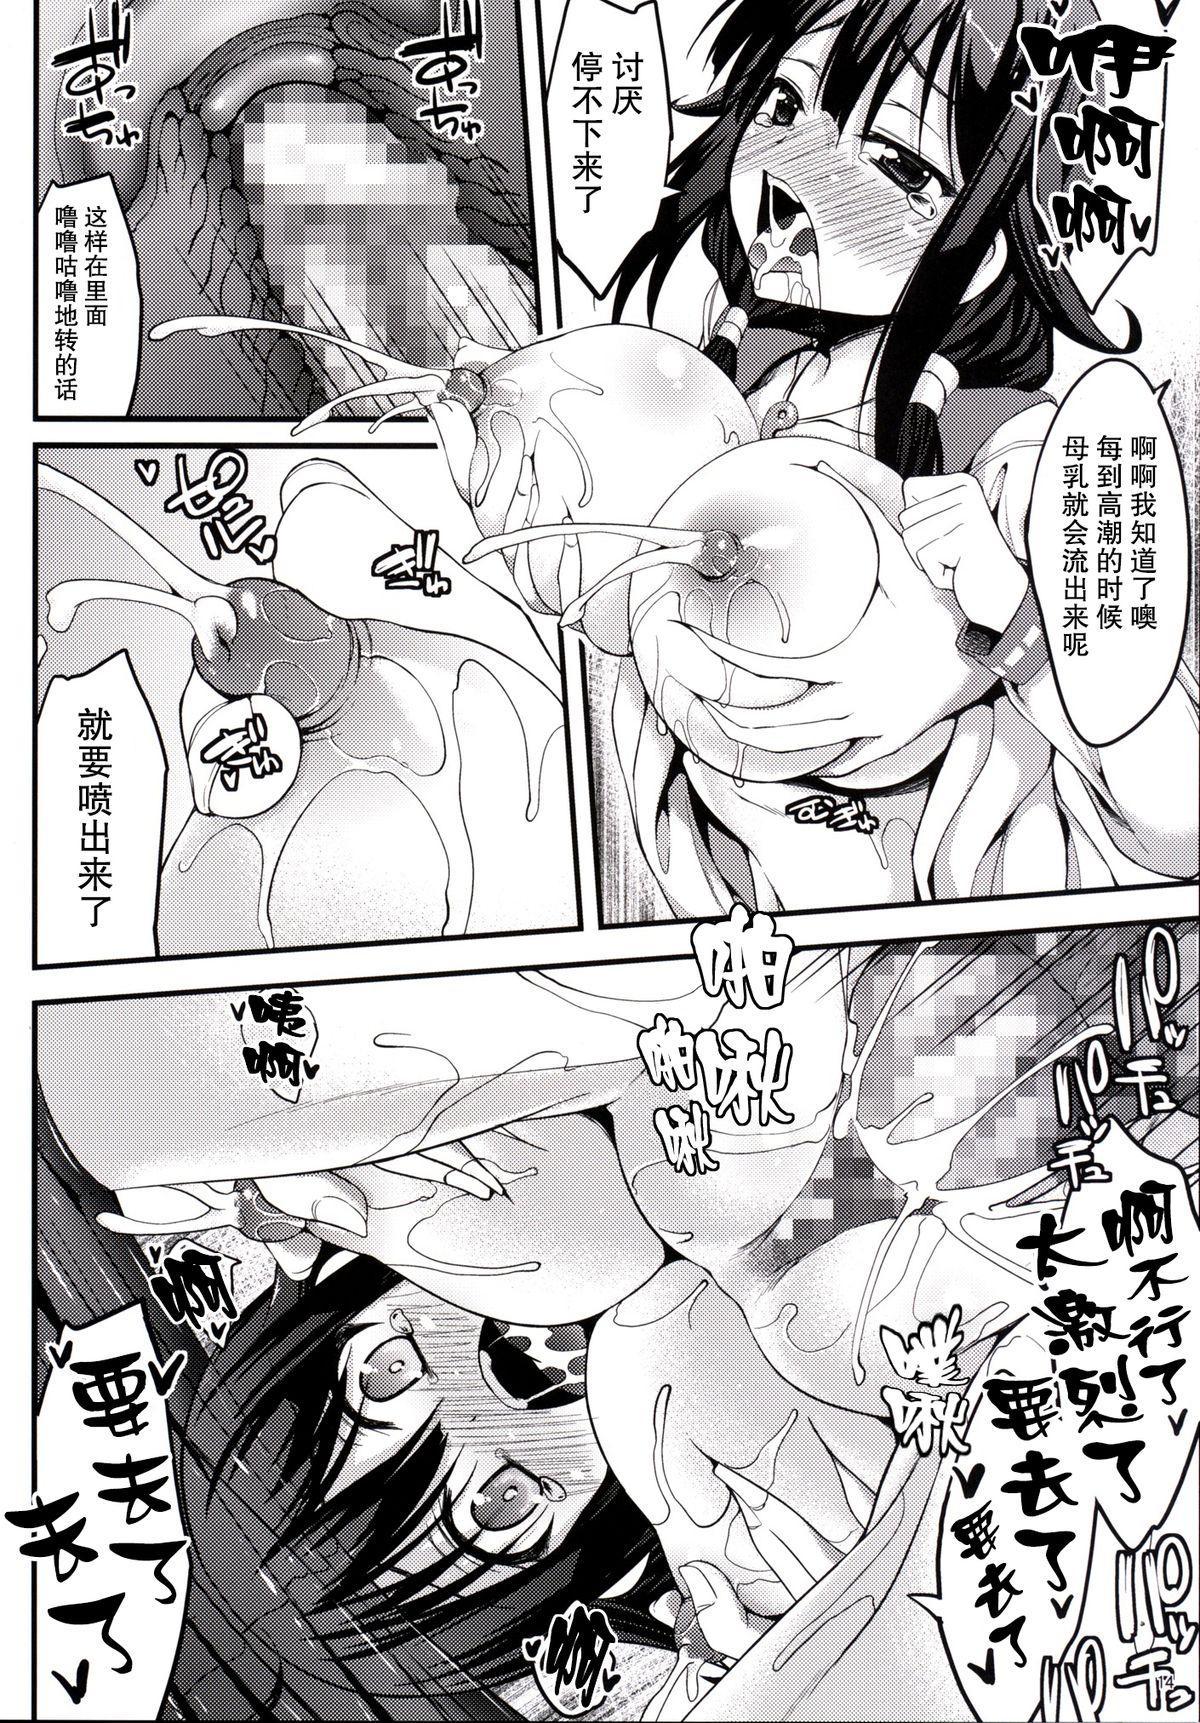 Taigei-chan kara Hokyuu Shitai! 13